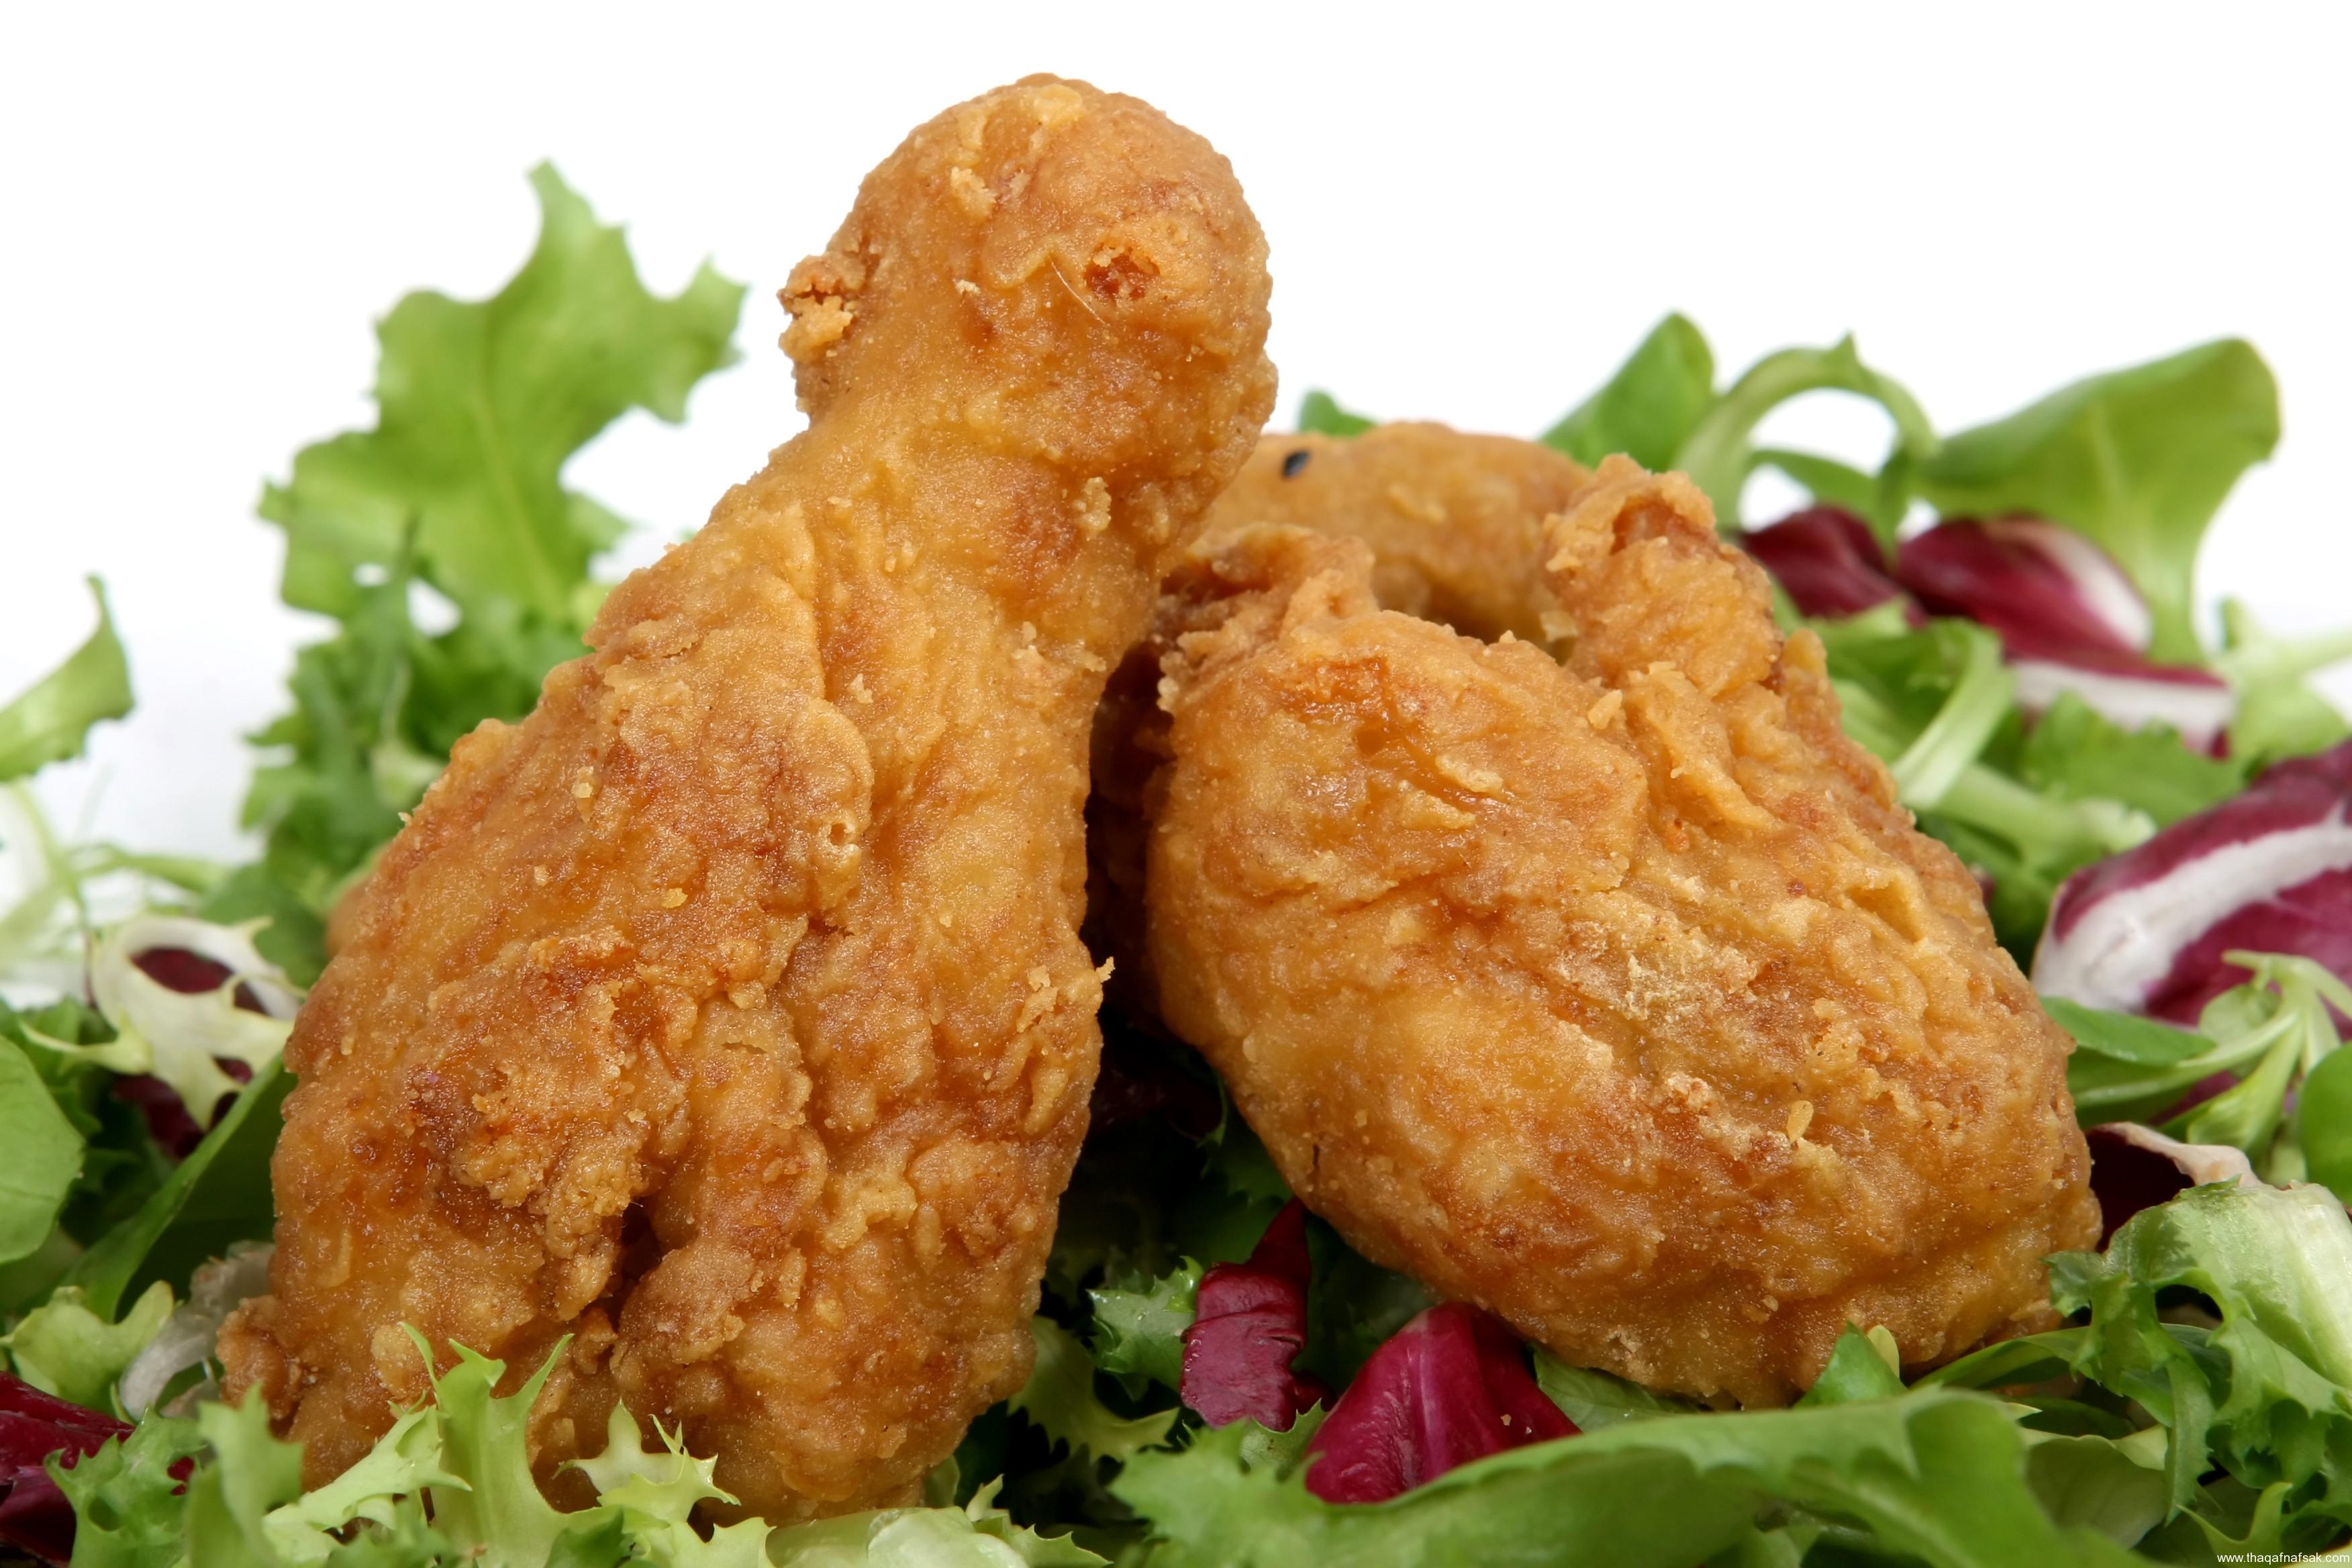 Deep fried spring chicken in golden lemon batter with salad